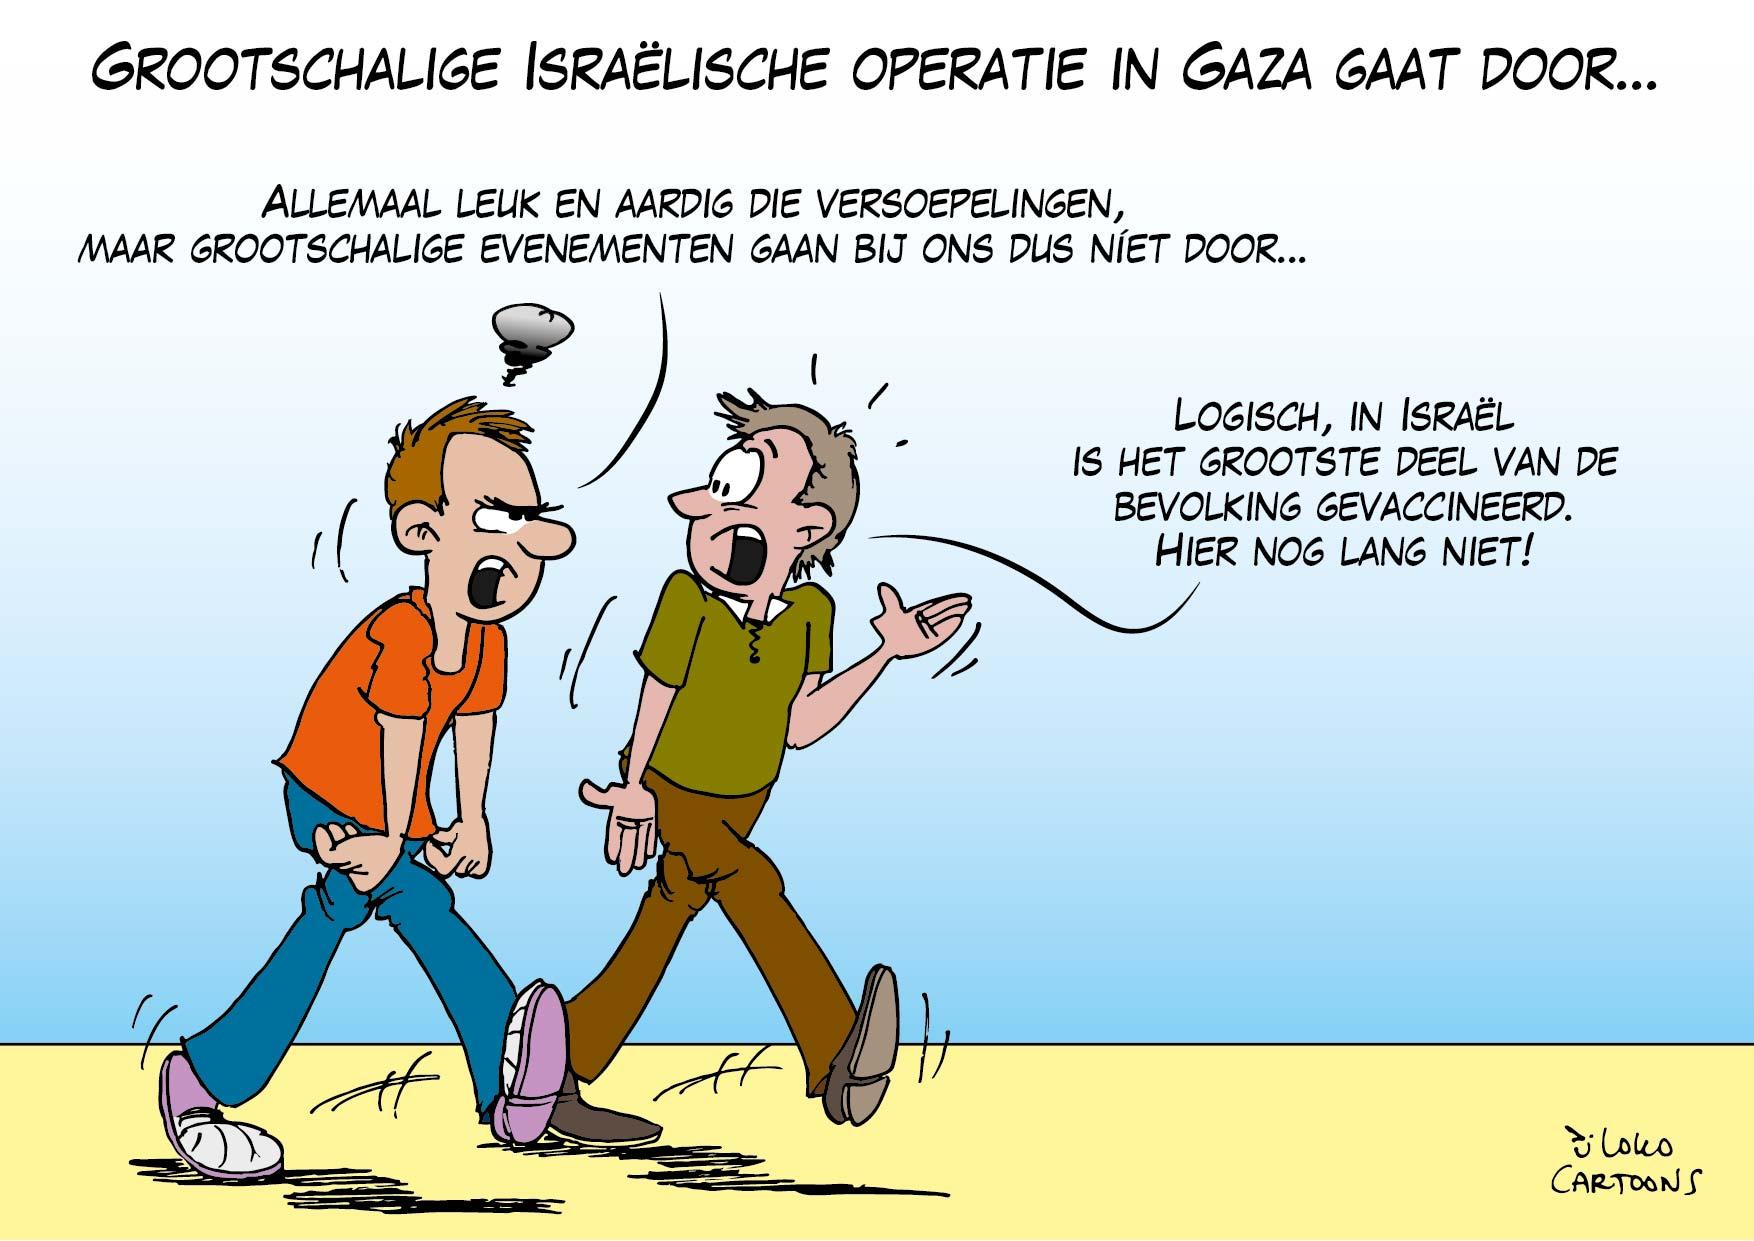 Grootschalige Israëlische operatie in Gaza gaat door…